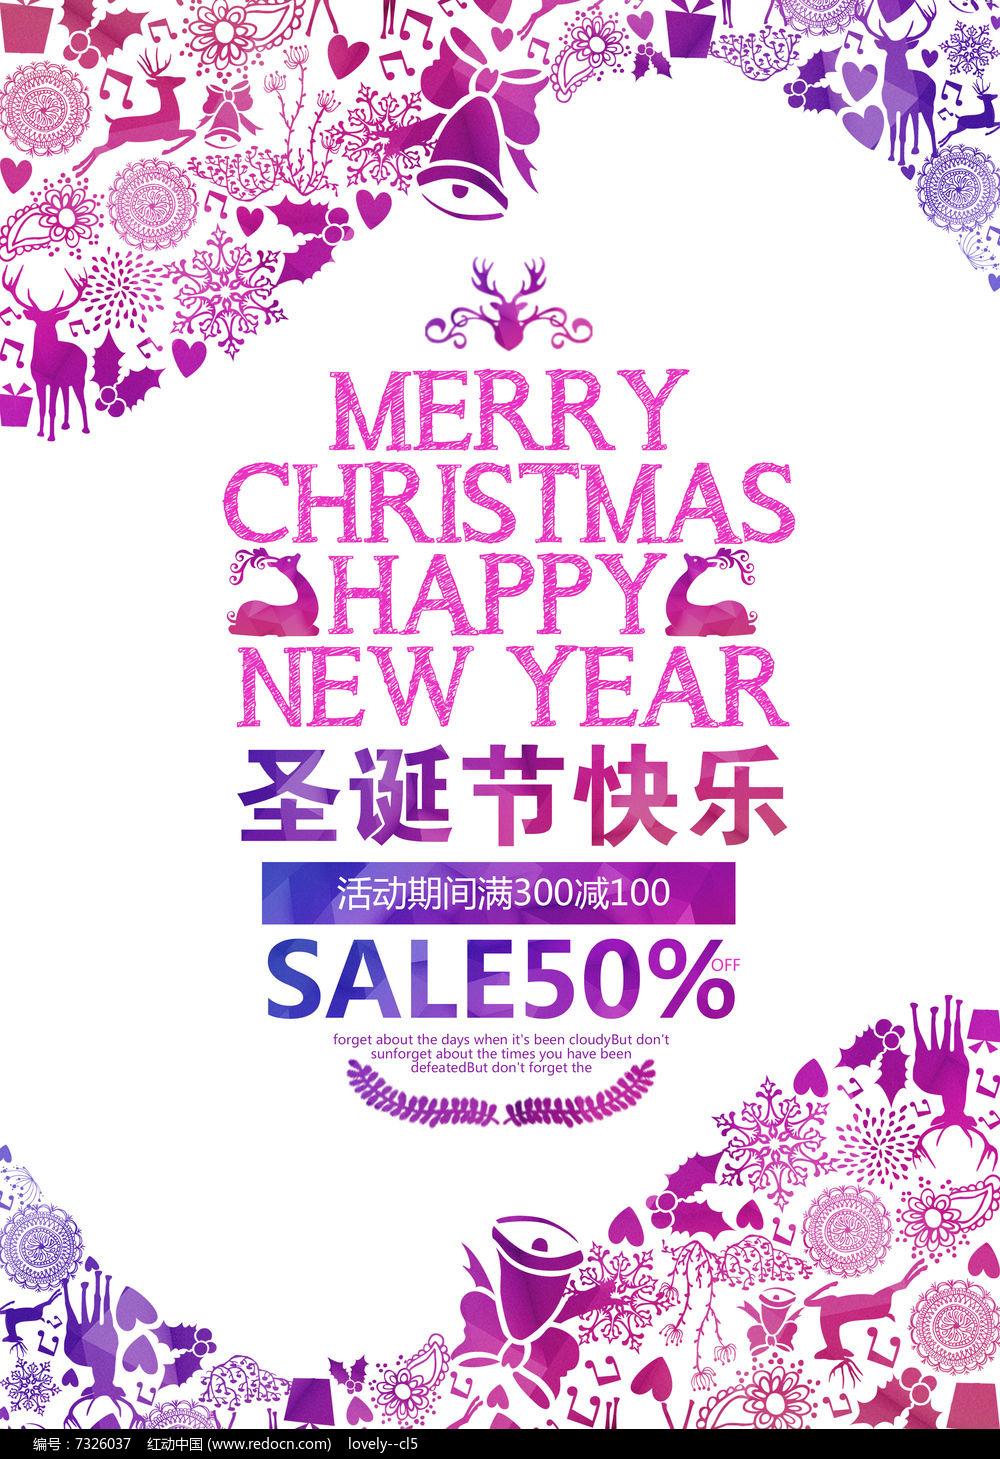 紫色水彩圣诞节促销海报图片